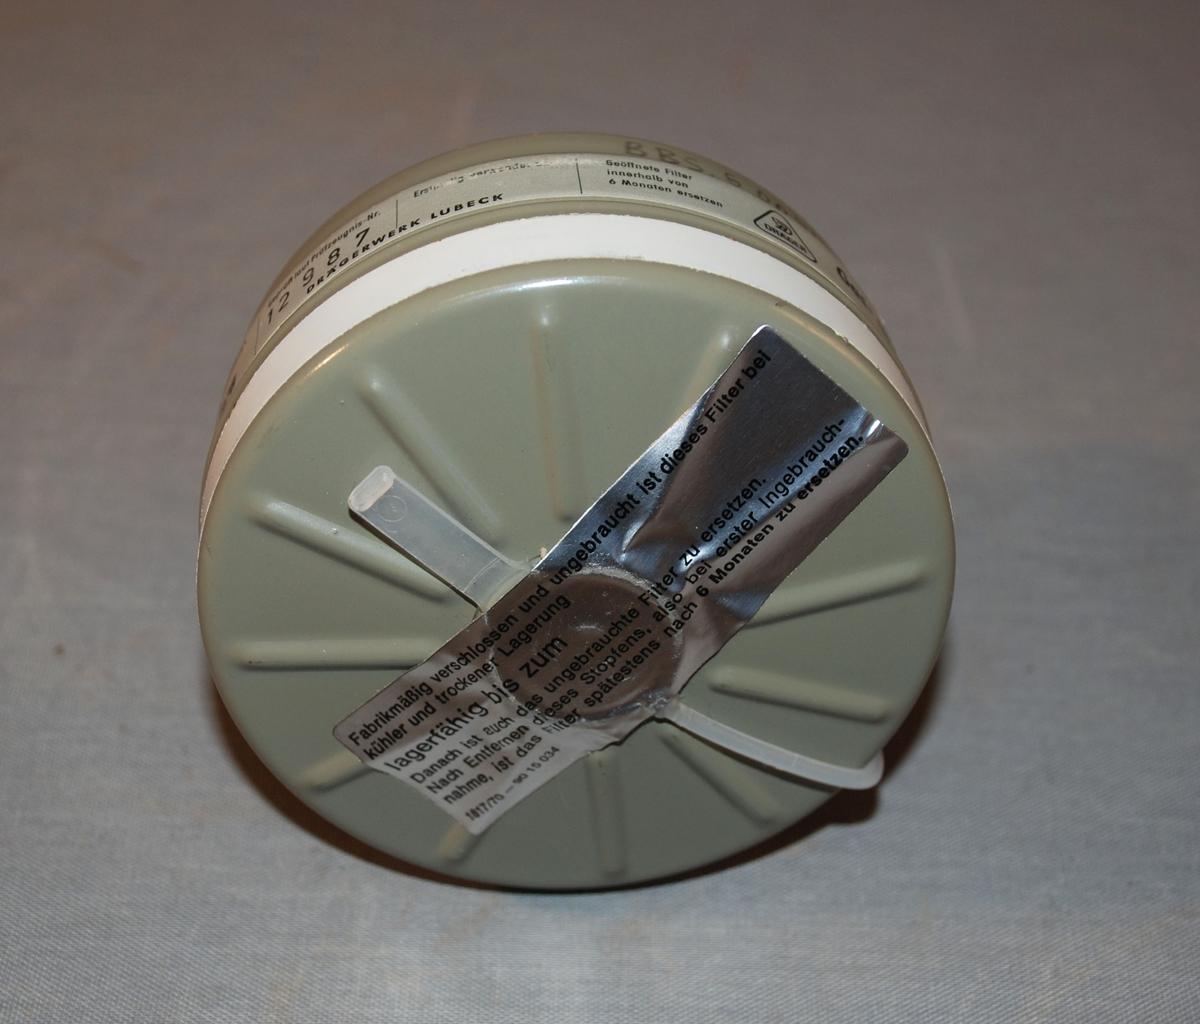 Gassmmaske med gass- og støvfilter, bruksanvisning og beholder med lokk til oppbevaring. Filterpatronen er et gass- og svevestøvfilter, sirkelrundt med plastkork over åpningen som skal festes til masken. Formen er sylindrisk med avrunding mot tilkoplingspunkt.